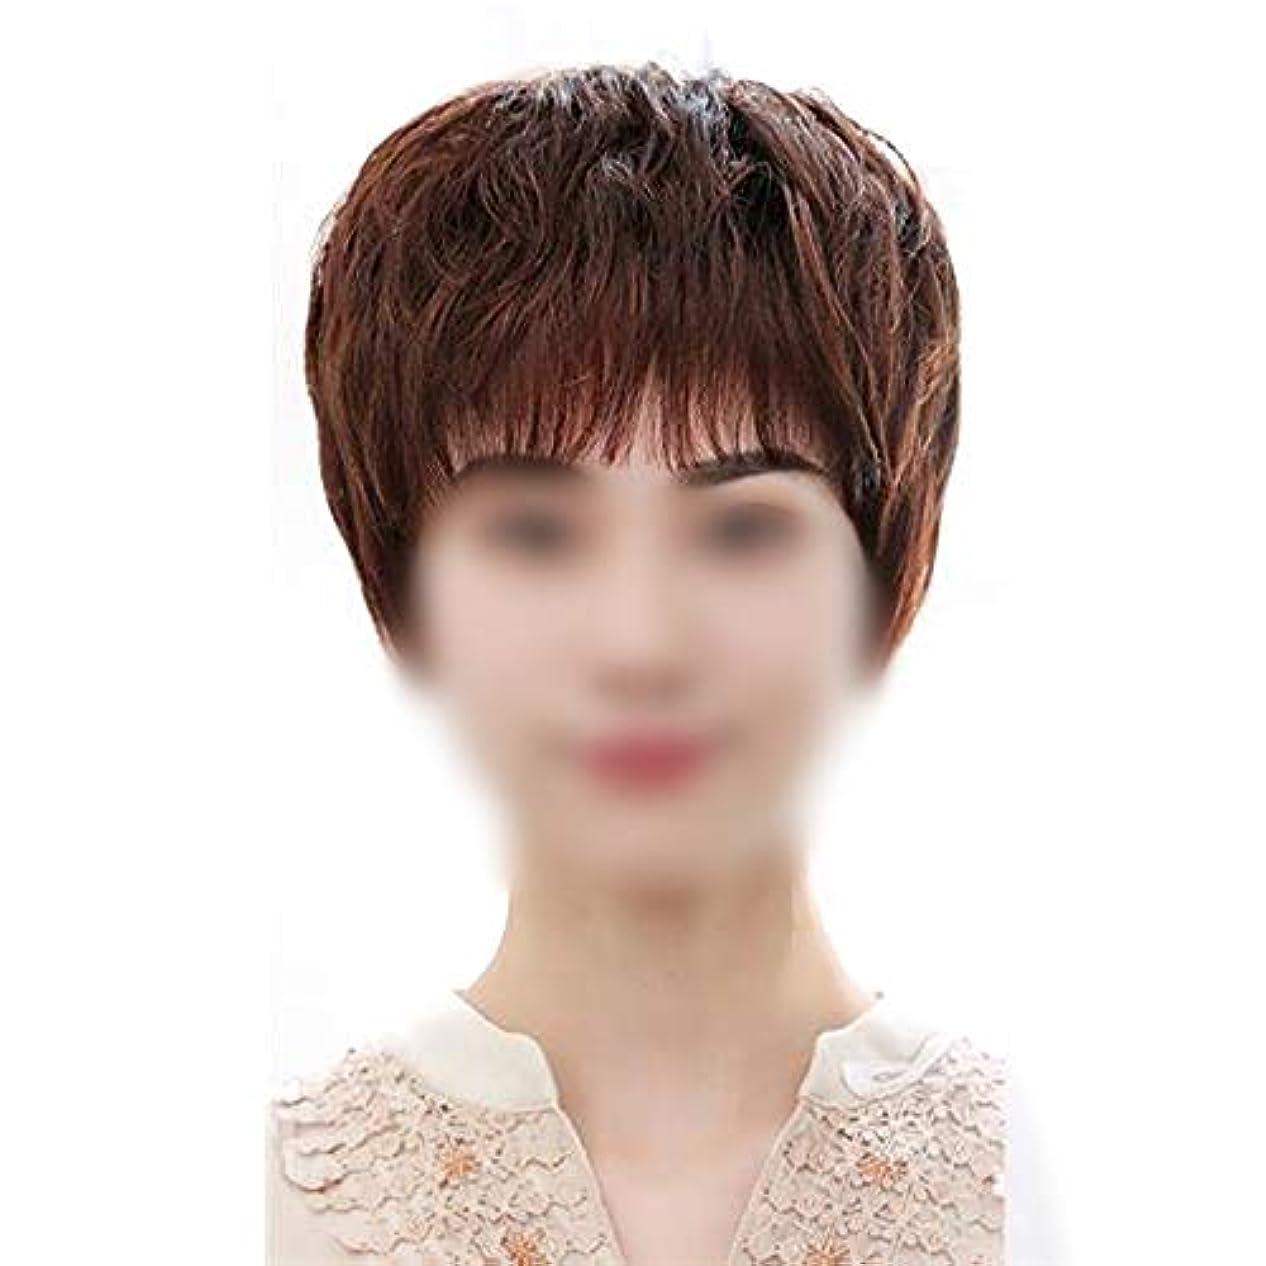 ブラインド固有のサイクロプスYOUQIU 前髪のフル手織りファッション中年ウィッグウィッグでヒトの毛髪の女子ショートカーリーヘアのフル (色 : Dark brown)